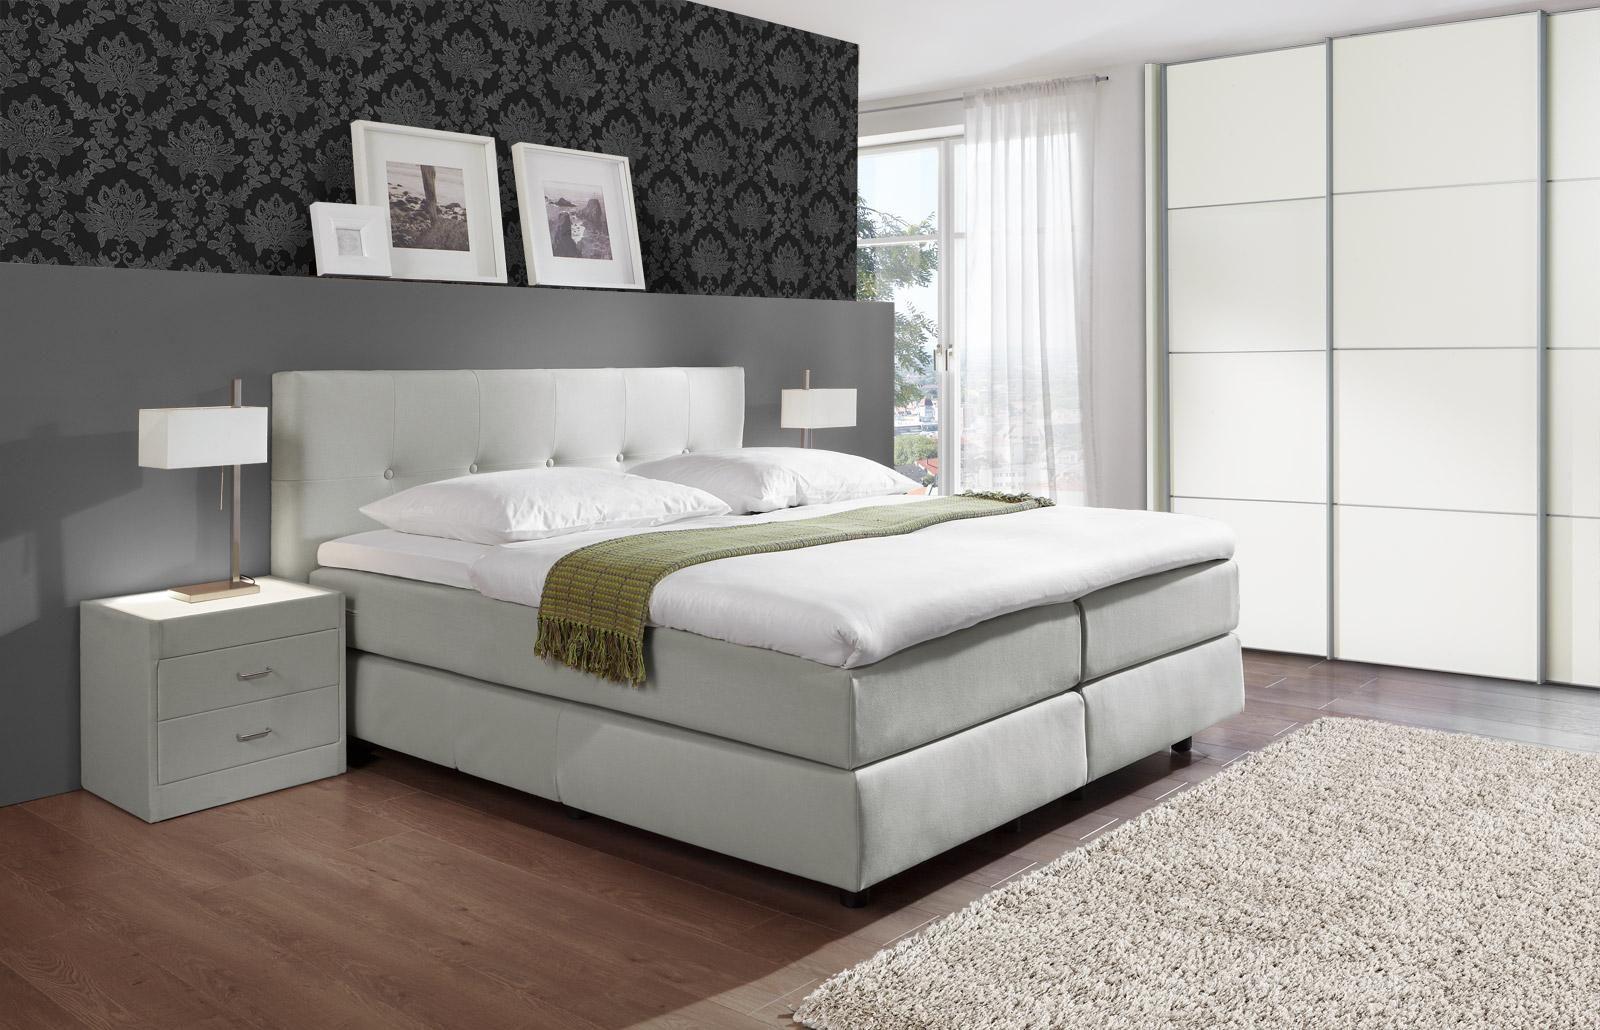 Genial boxspringbett komplett schlafzimmer | Deutsche Deko | Pinterest